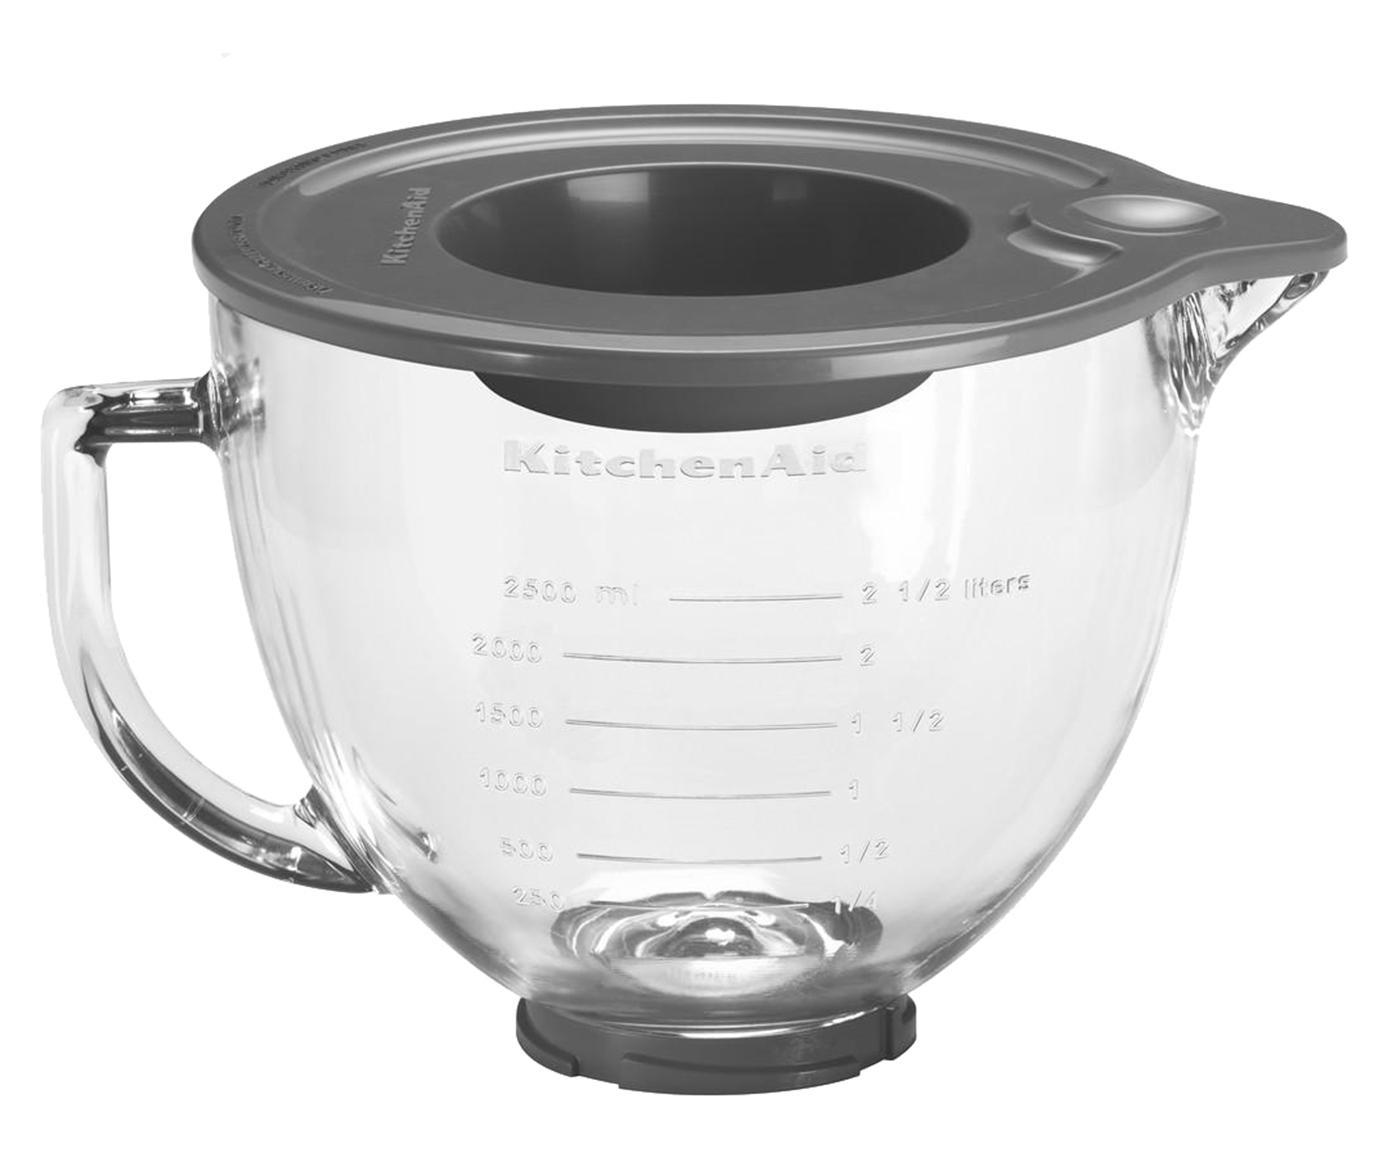 Ciotola in vetro per robot da cucina Artisan, Coppia tovagliette con un aspetto leggermente ruvido, Trasparente, 4,8 litri